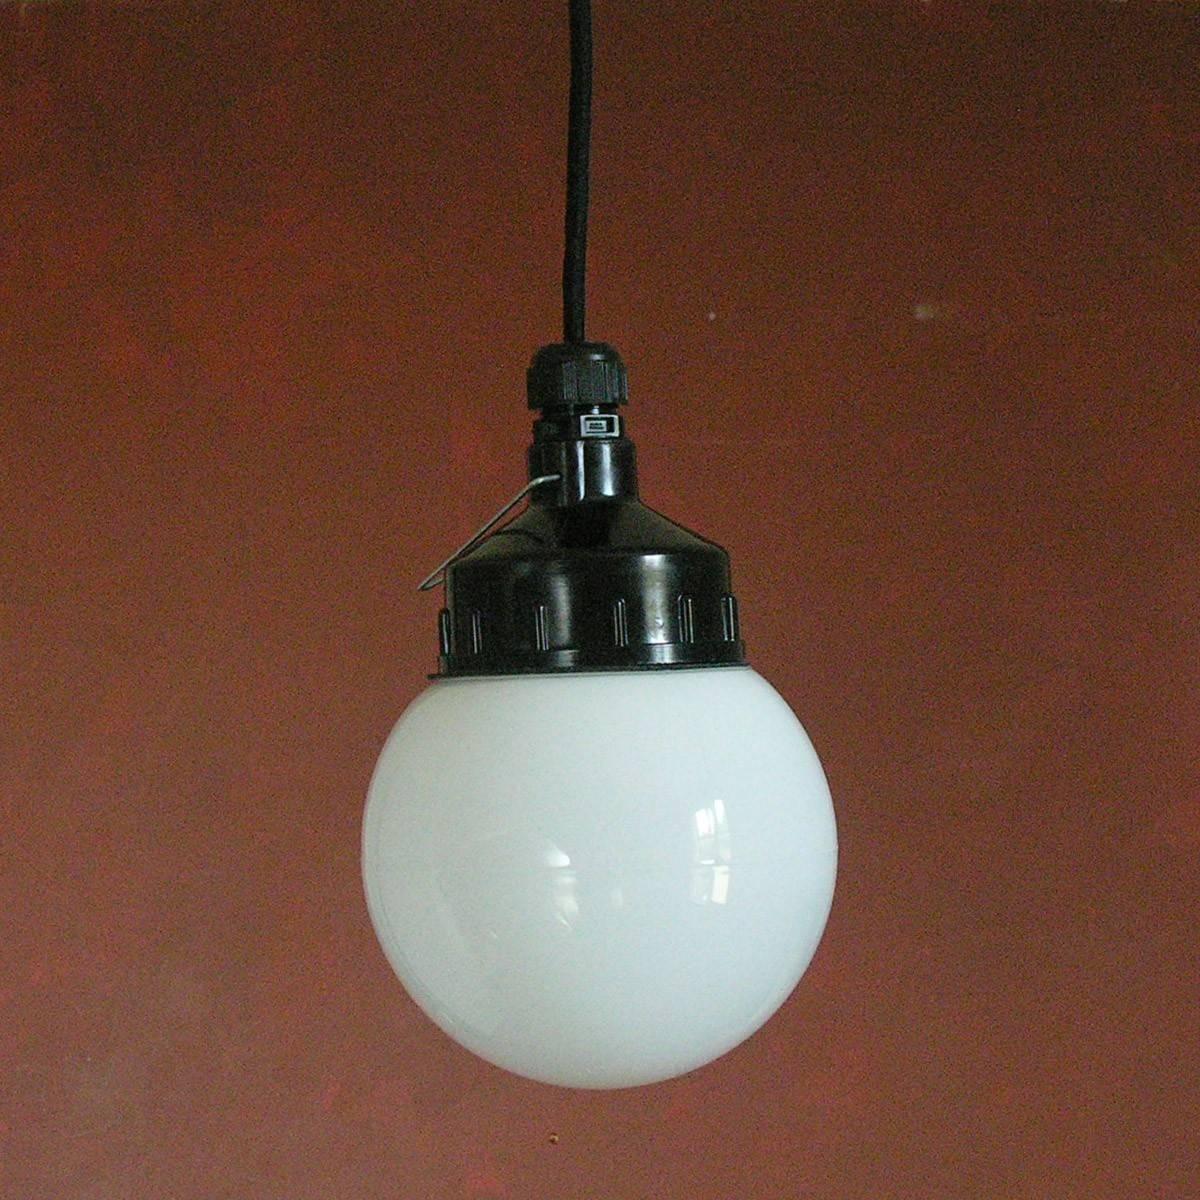 White Sphere Pendant Light intended for Glass Sphere Pendant Lights (Image 15 of 15)